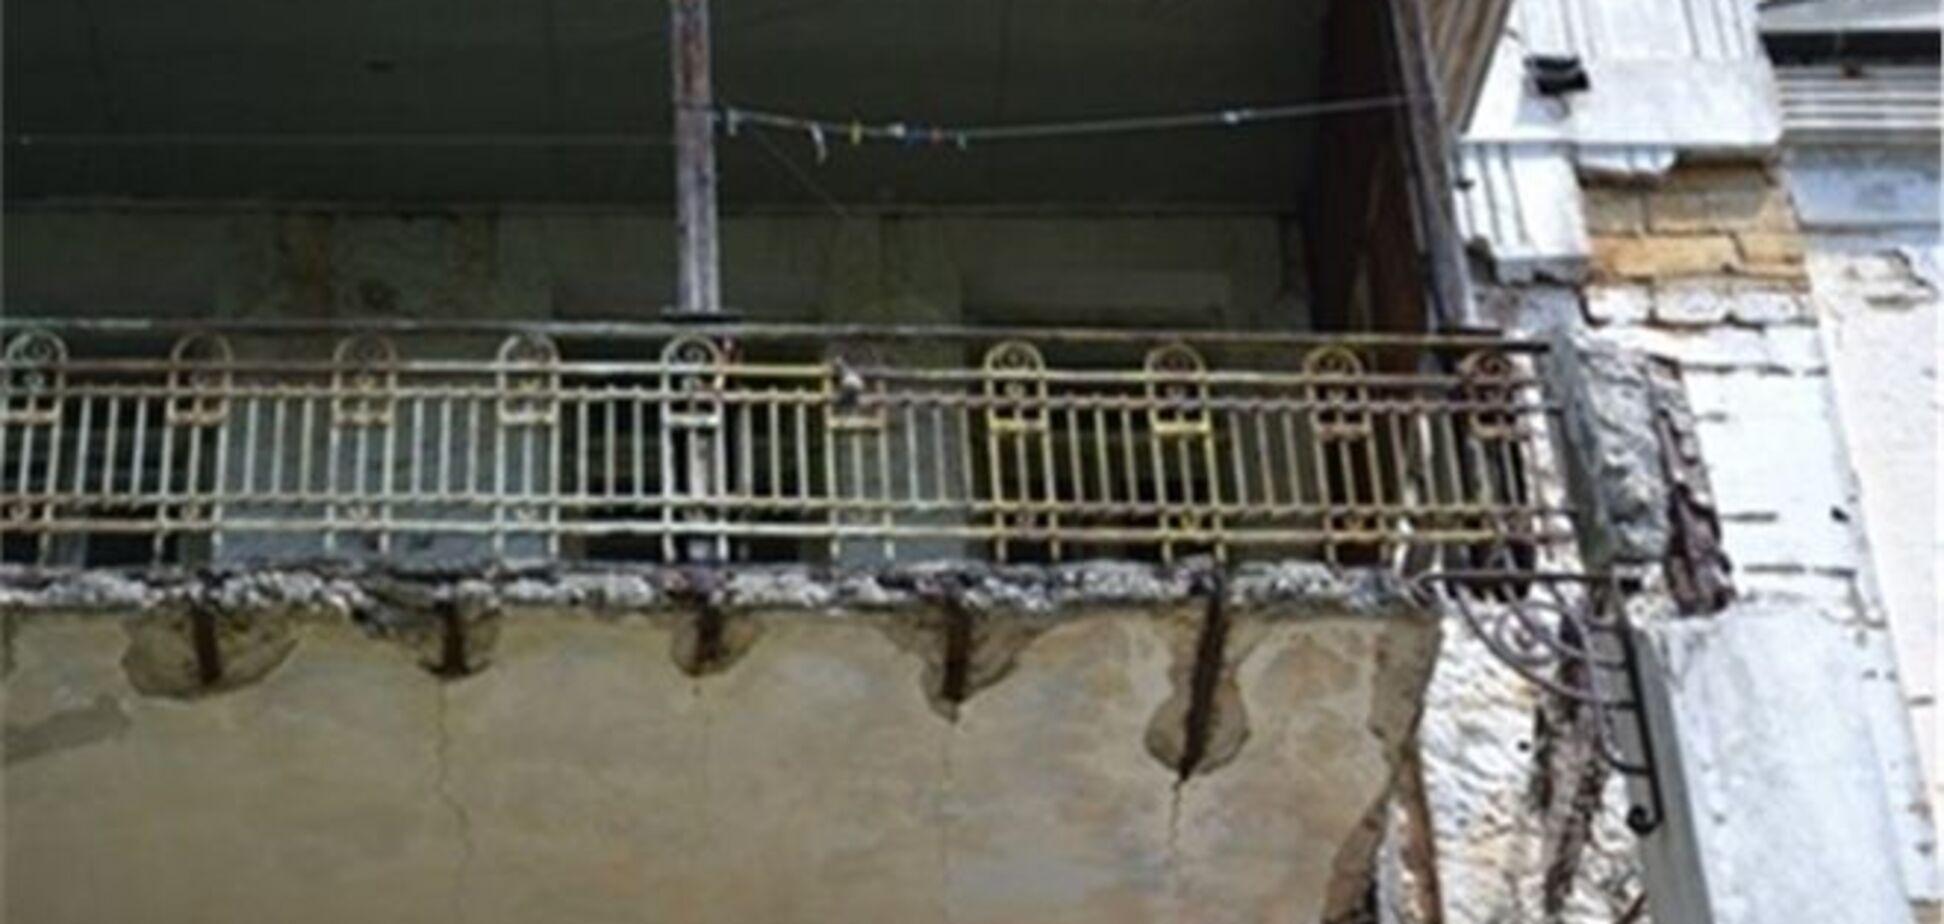 Справу за фактом трагедії у санаторії 'Юність' передано до суду